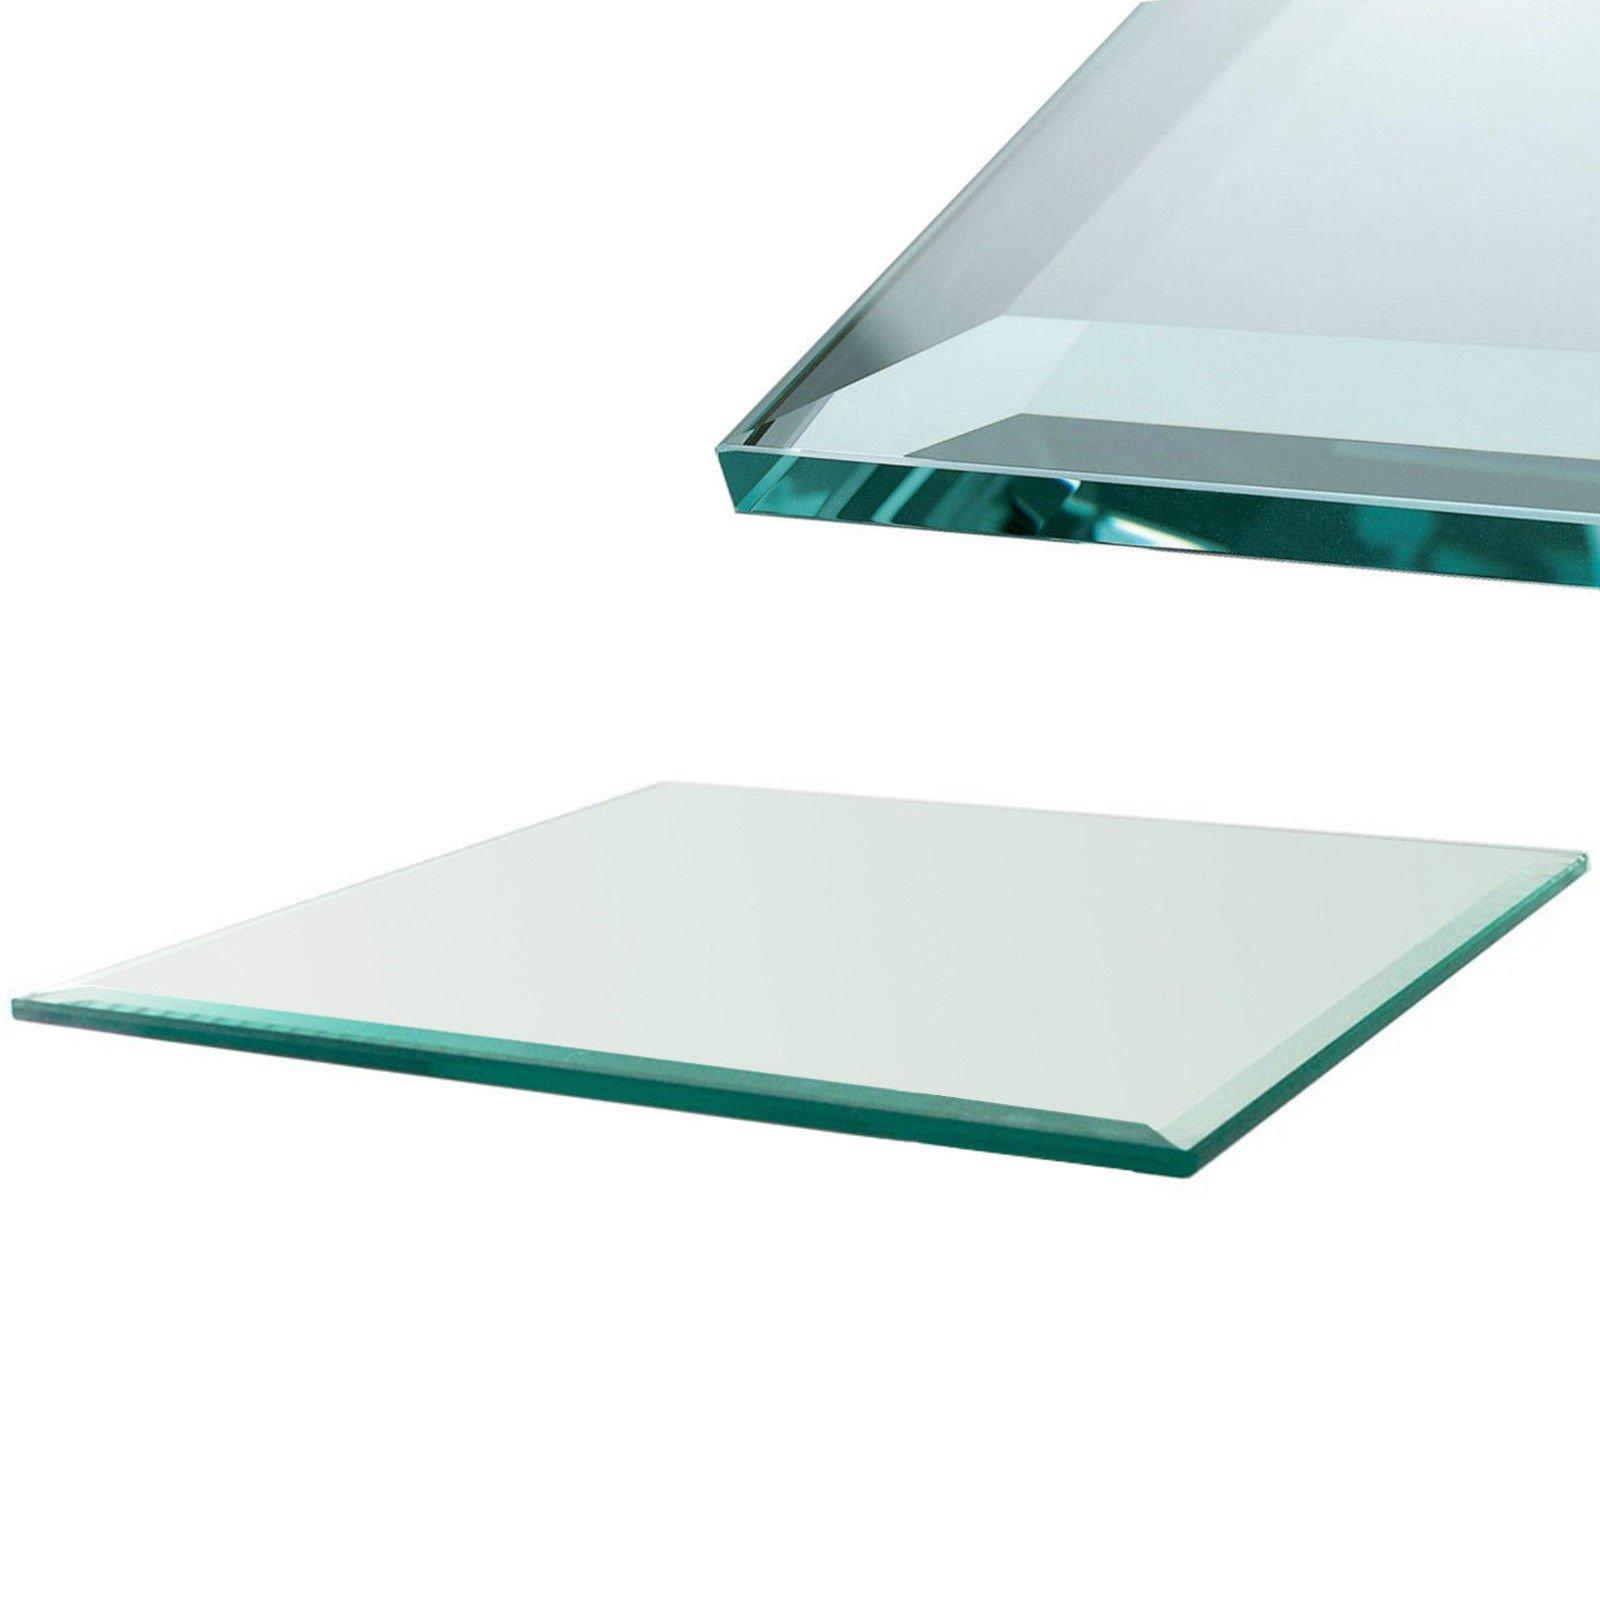 Euro Tische Glasplatte für Kaminofen - Glasscheibe mit 6mm ESG Sicherheitsglas - perfekt geeignet als Funkenschutzplatte - Verschiedene Größen (70x70cm, Schwarz) 1